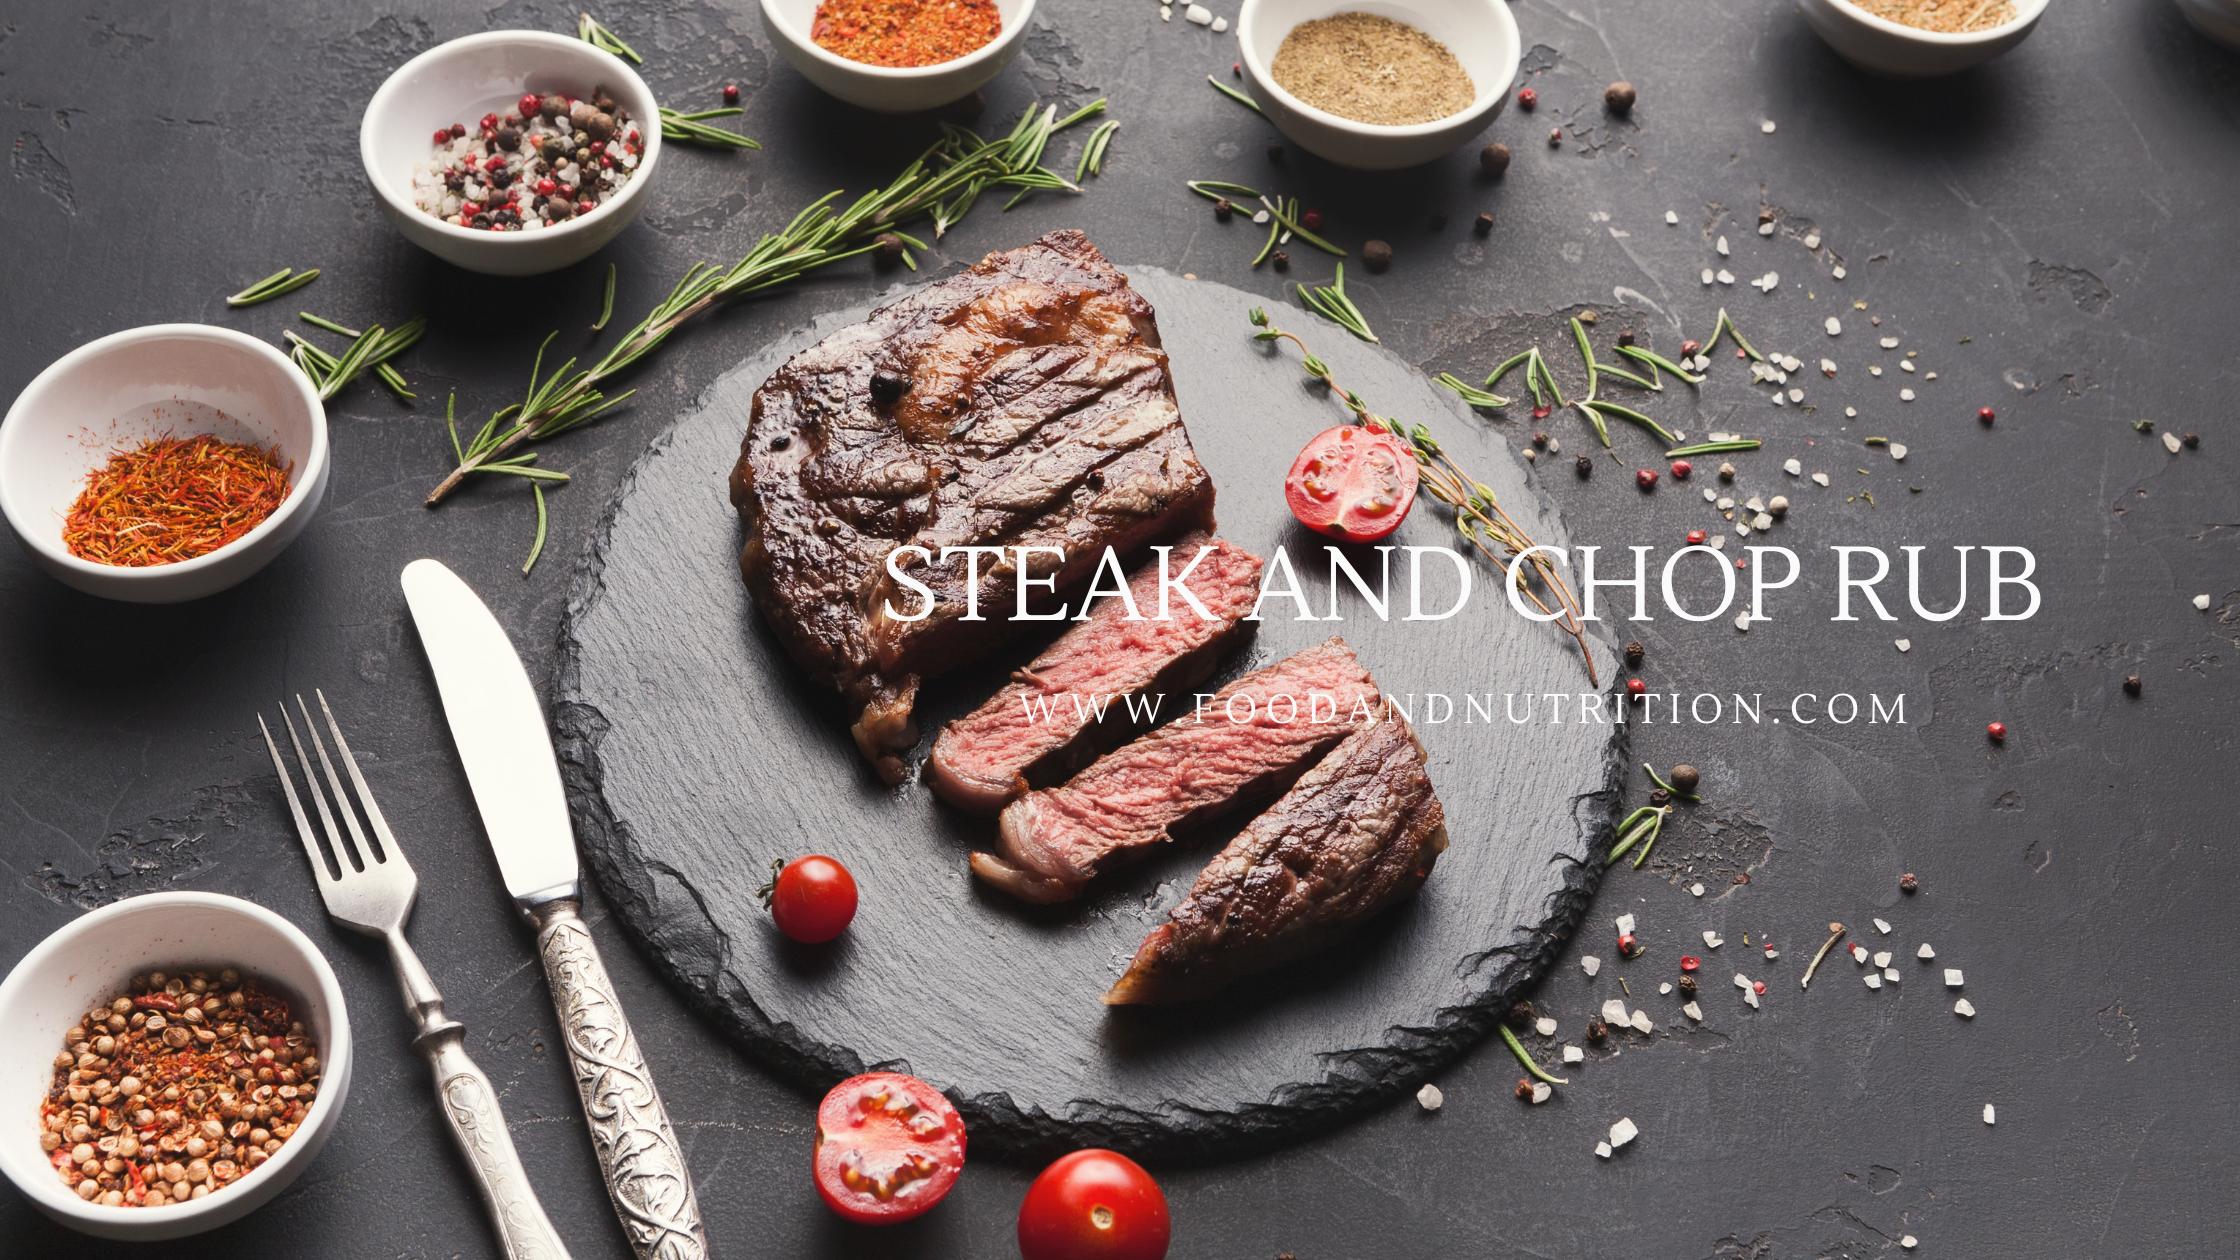 Steak and Chop Rub